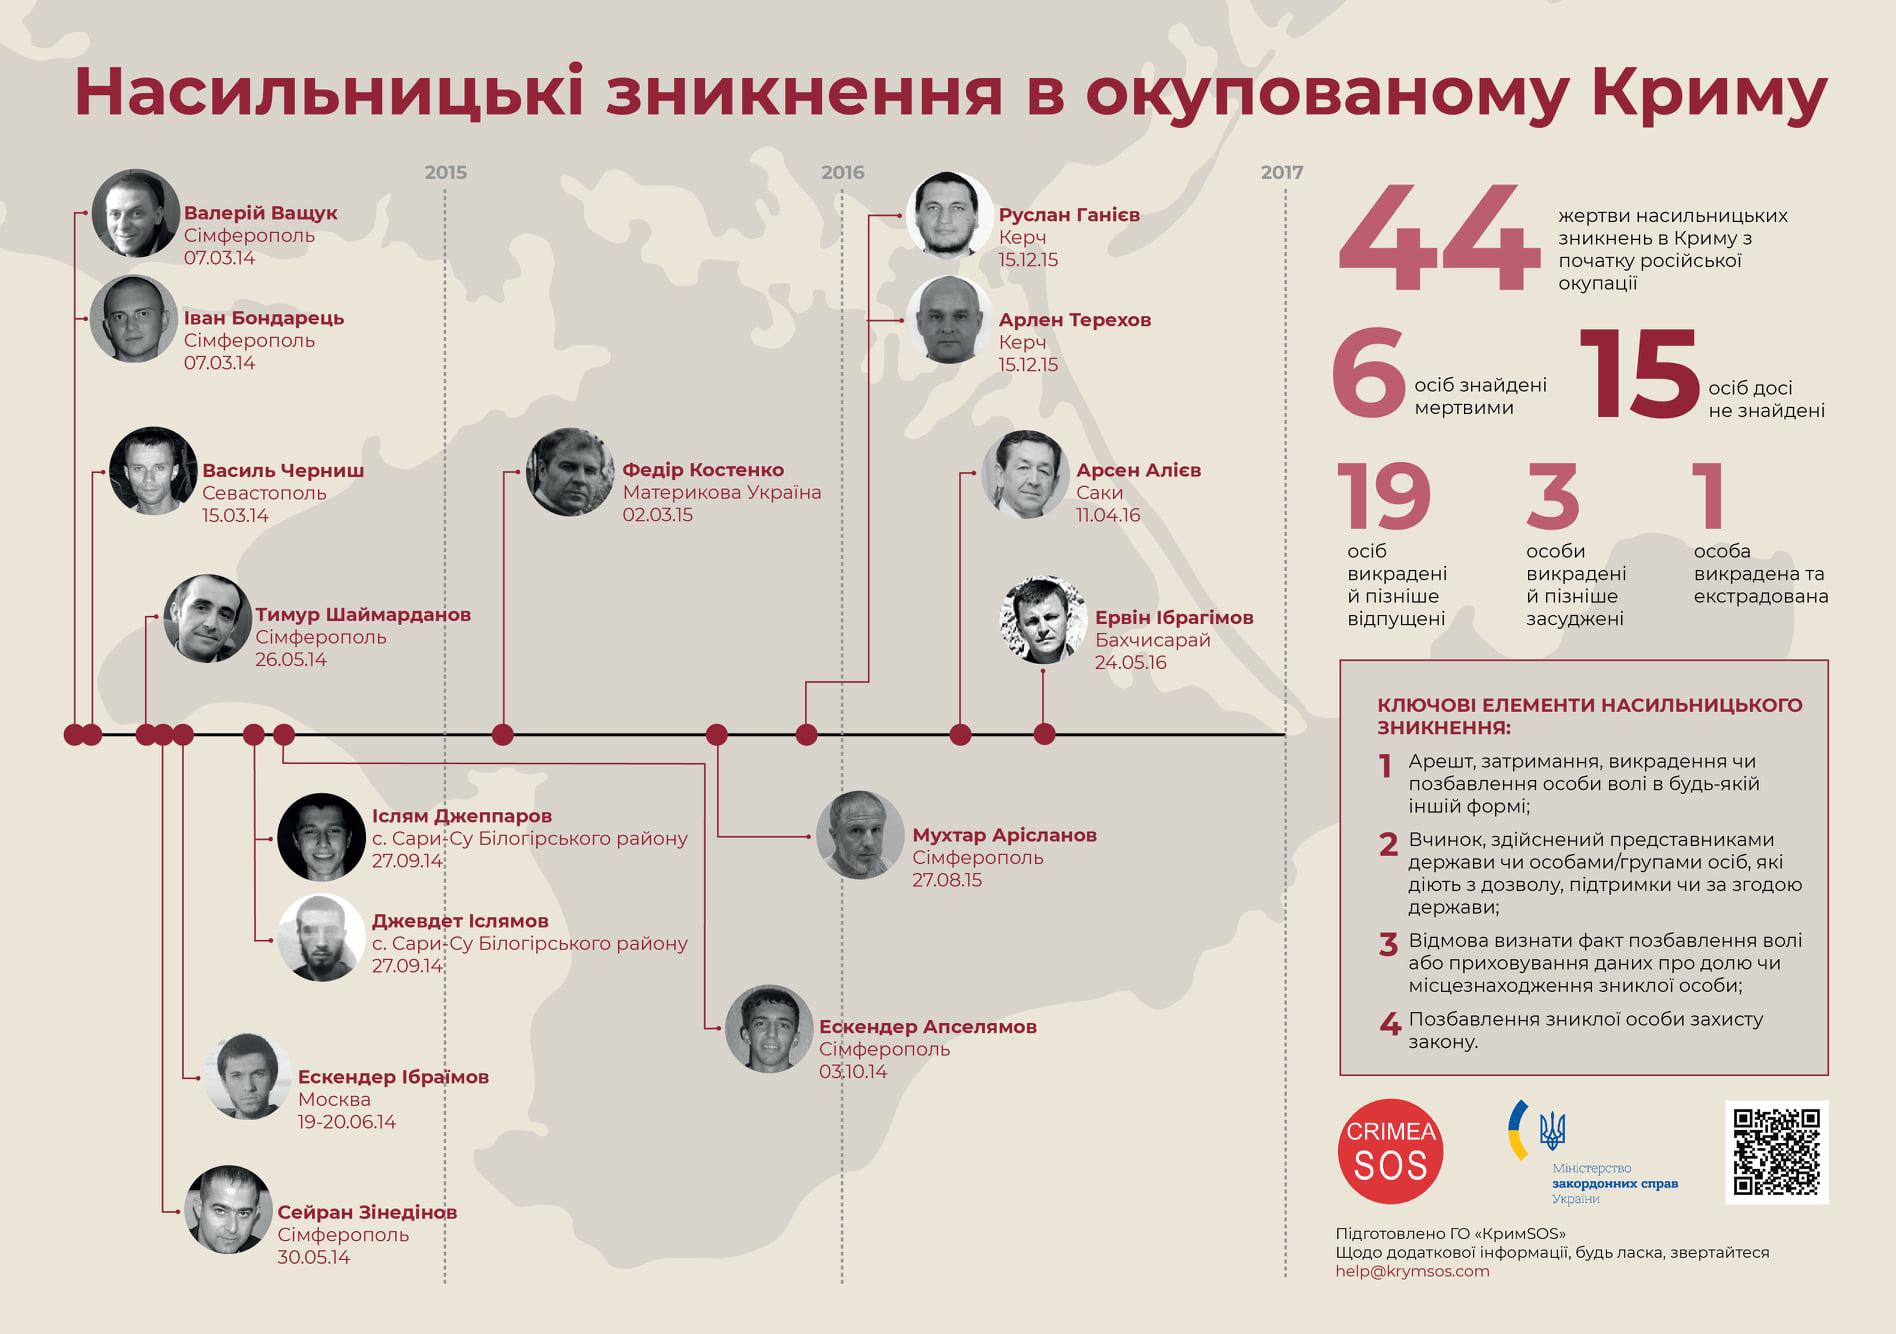 Российская оккупация. МИД озвучил количество пропавших без вести в Крыму и на Донбассе